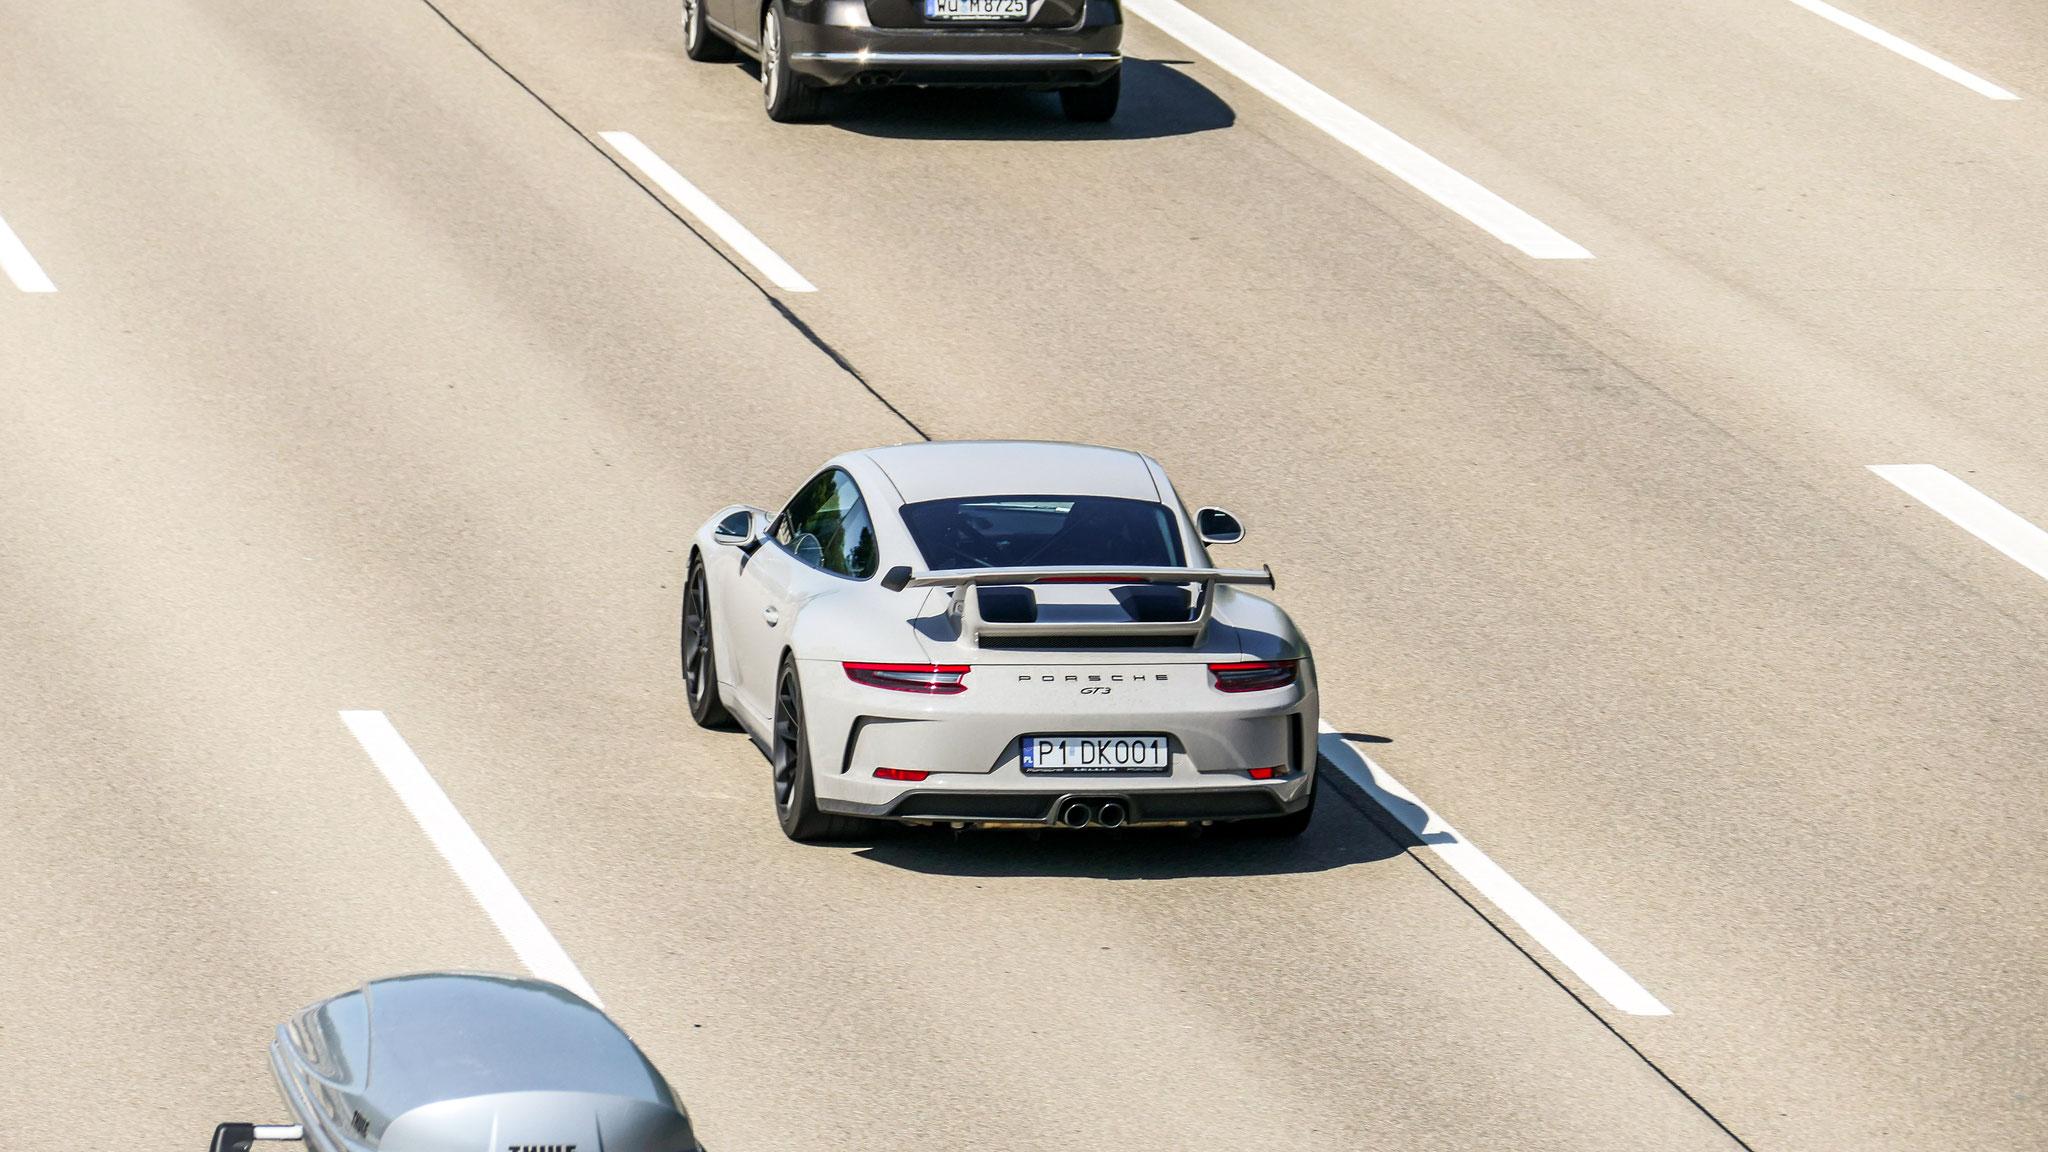 Porsche 991 GT3 - P1-DK001 (PL)